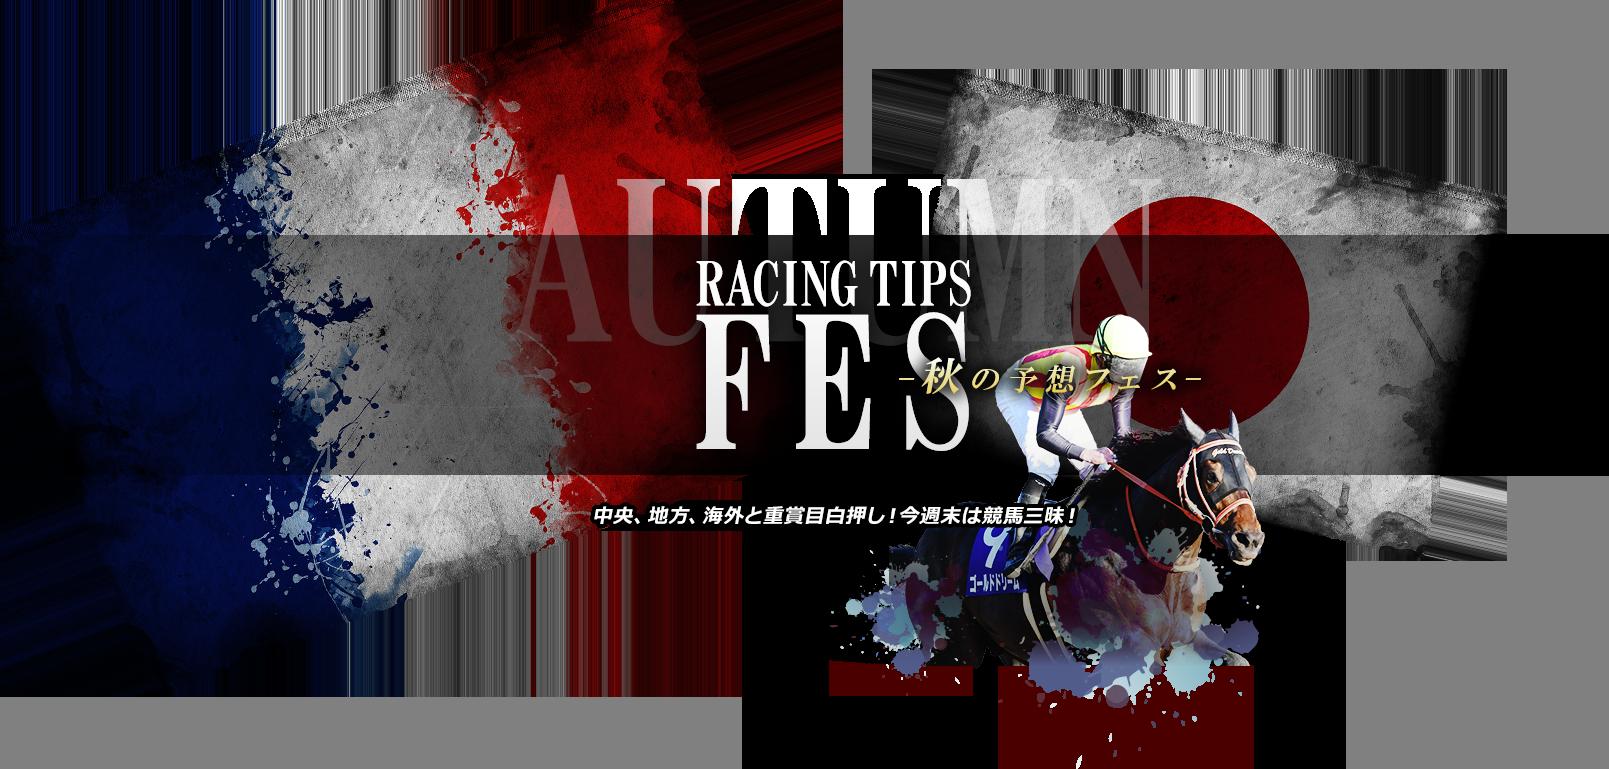 中央、地方、海外と重賞目白押し!今週末は競馬三昧!AUTUMN RACING TIPS FES -秋の予想フェス-